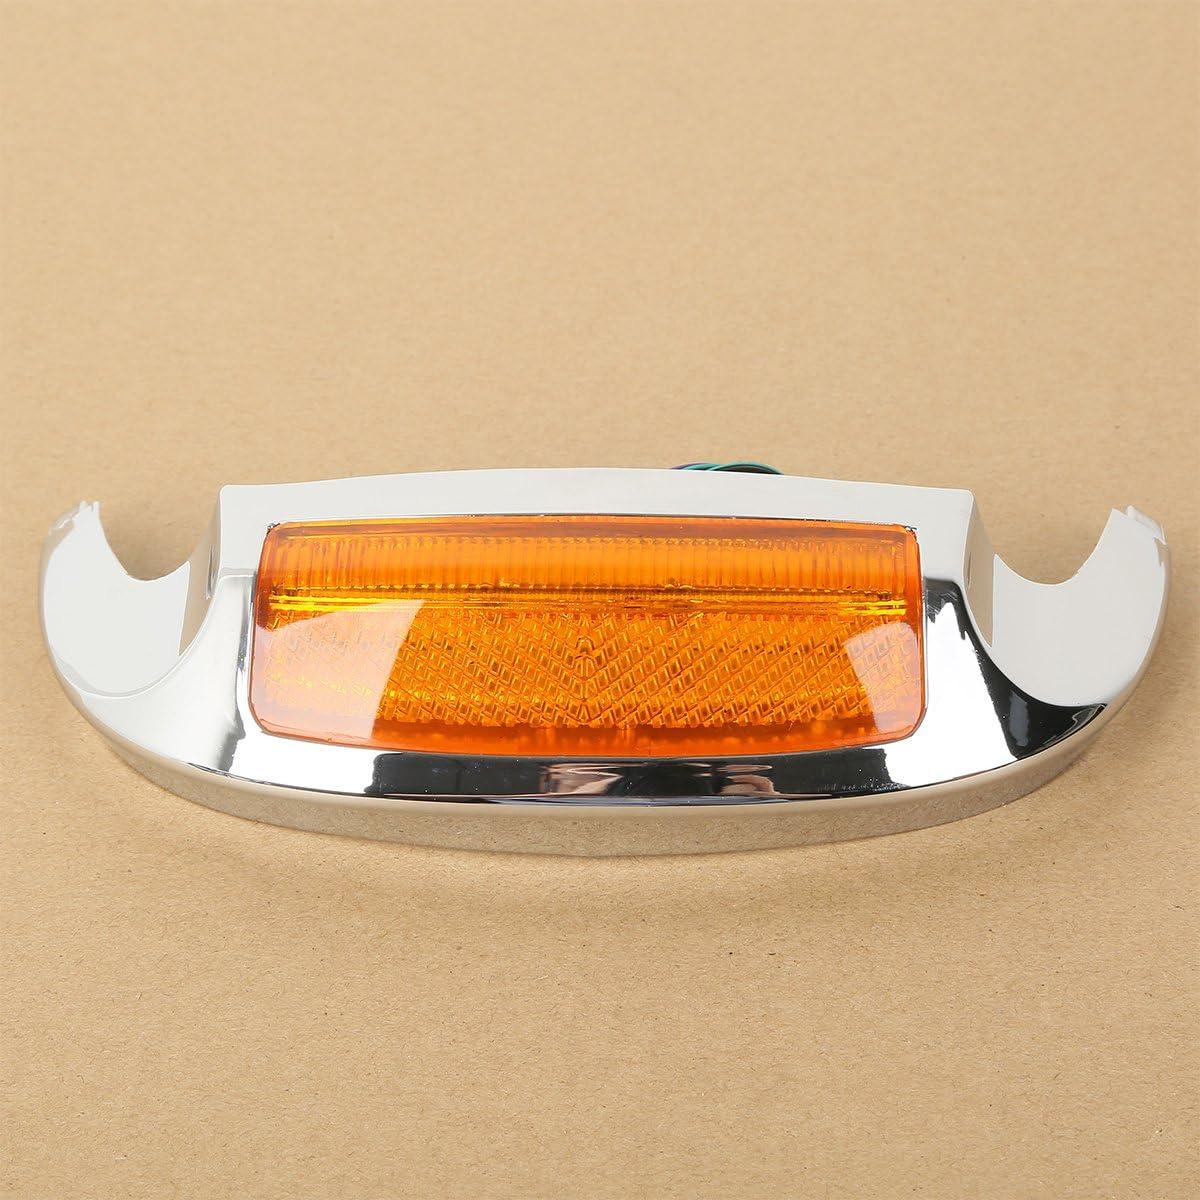 SLMOTO Front LED Fender Tip Amber Light For Harley Electra Glide Ultra Limited 2009-up